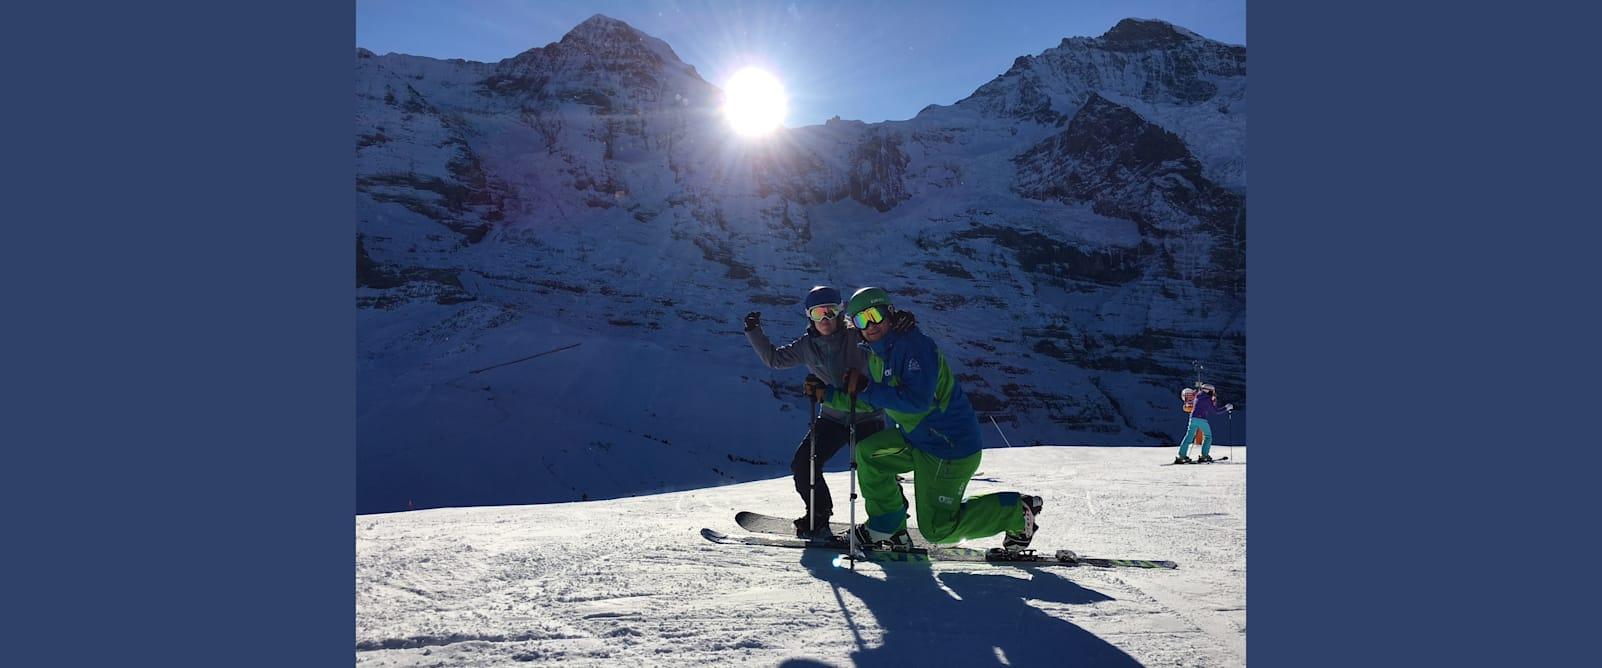 Perfekte Verhaeltnisse bereits zum Saisonstart am 18 November in Grindelwald Wengen